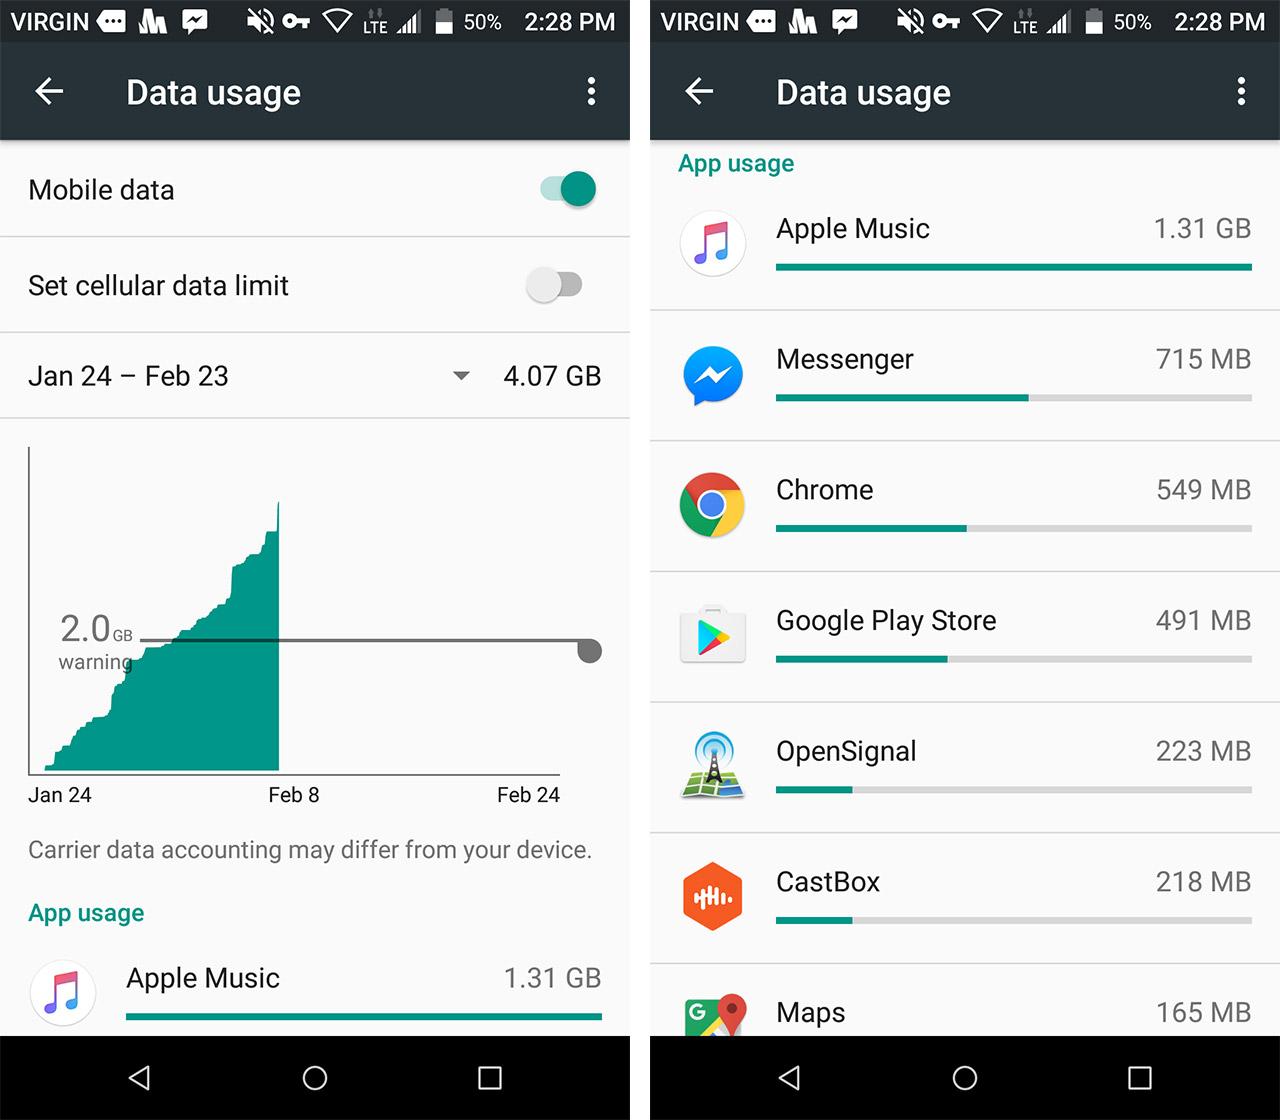 data usage screen shots - save data